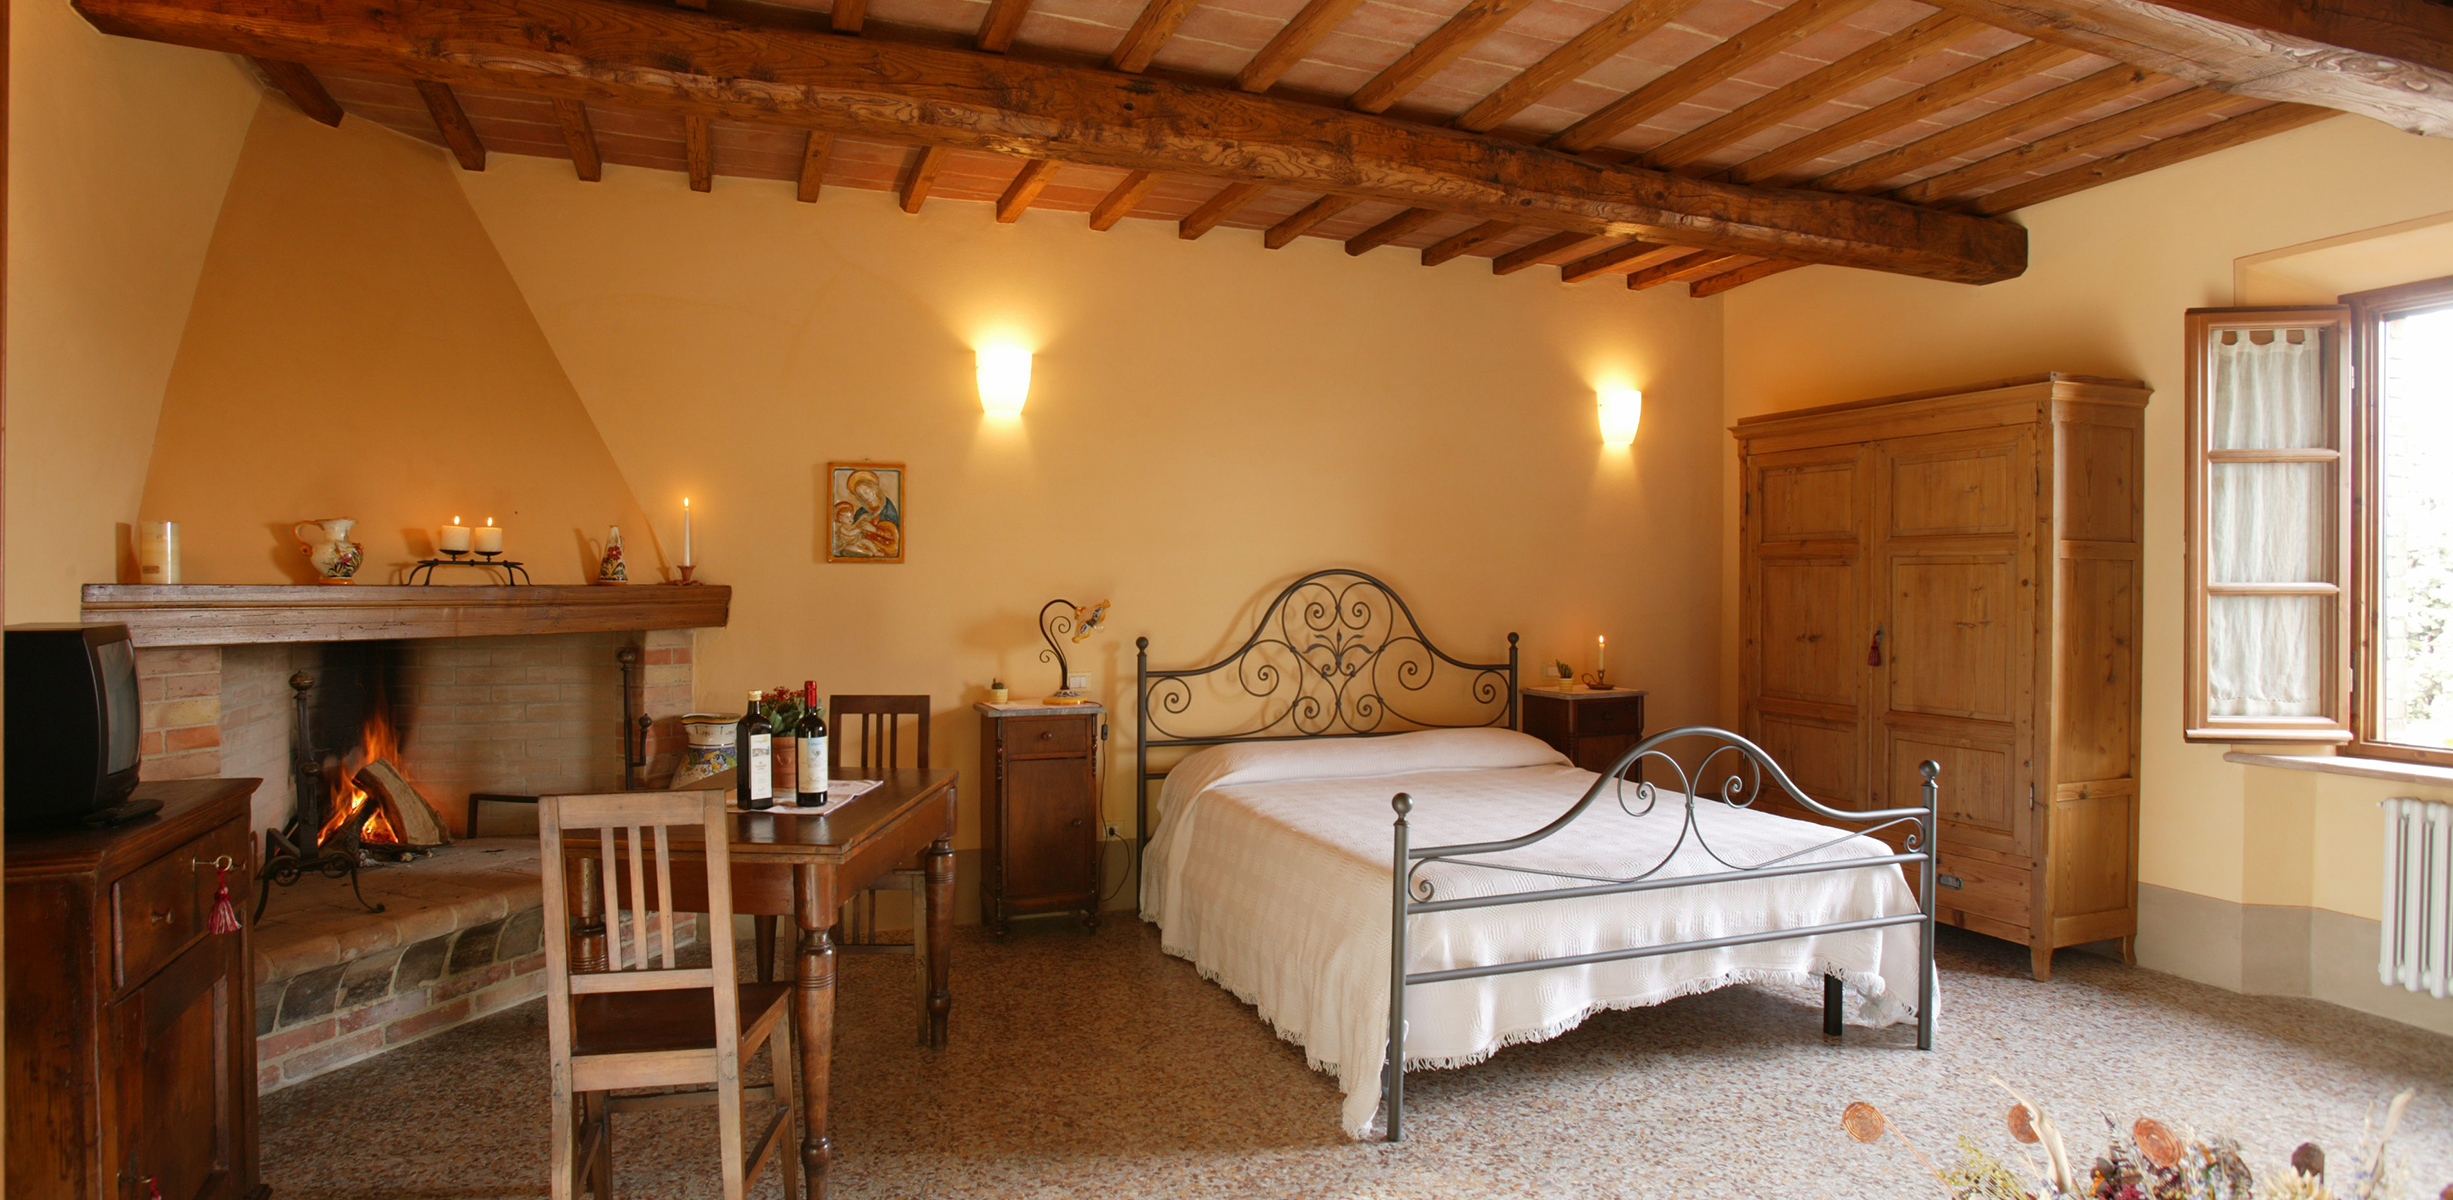 Agriturismo vicino al centro storico di pienza podere - Camino in camera da letto ...